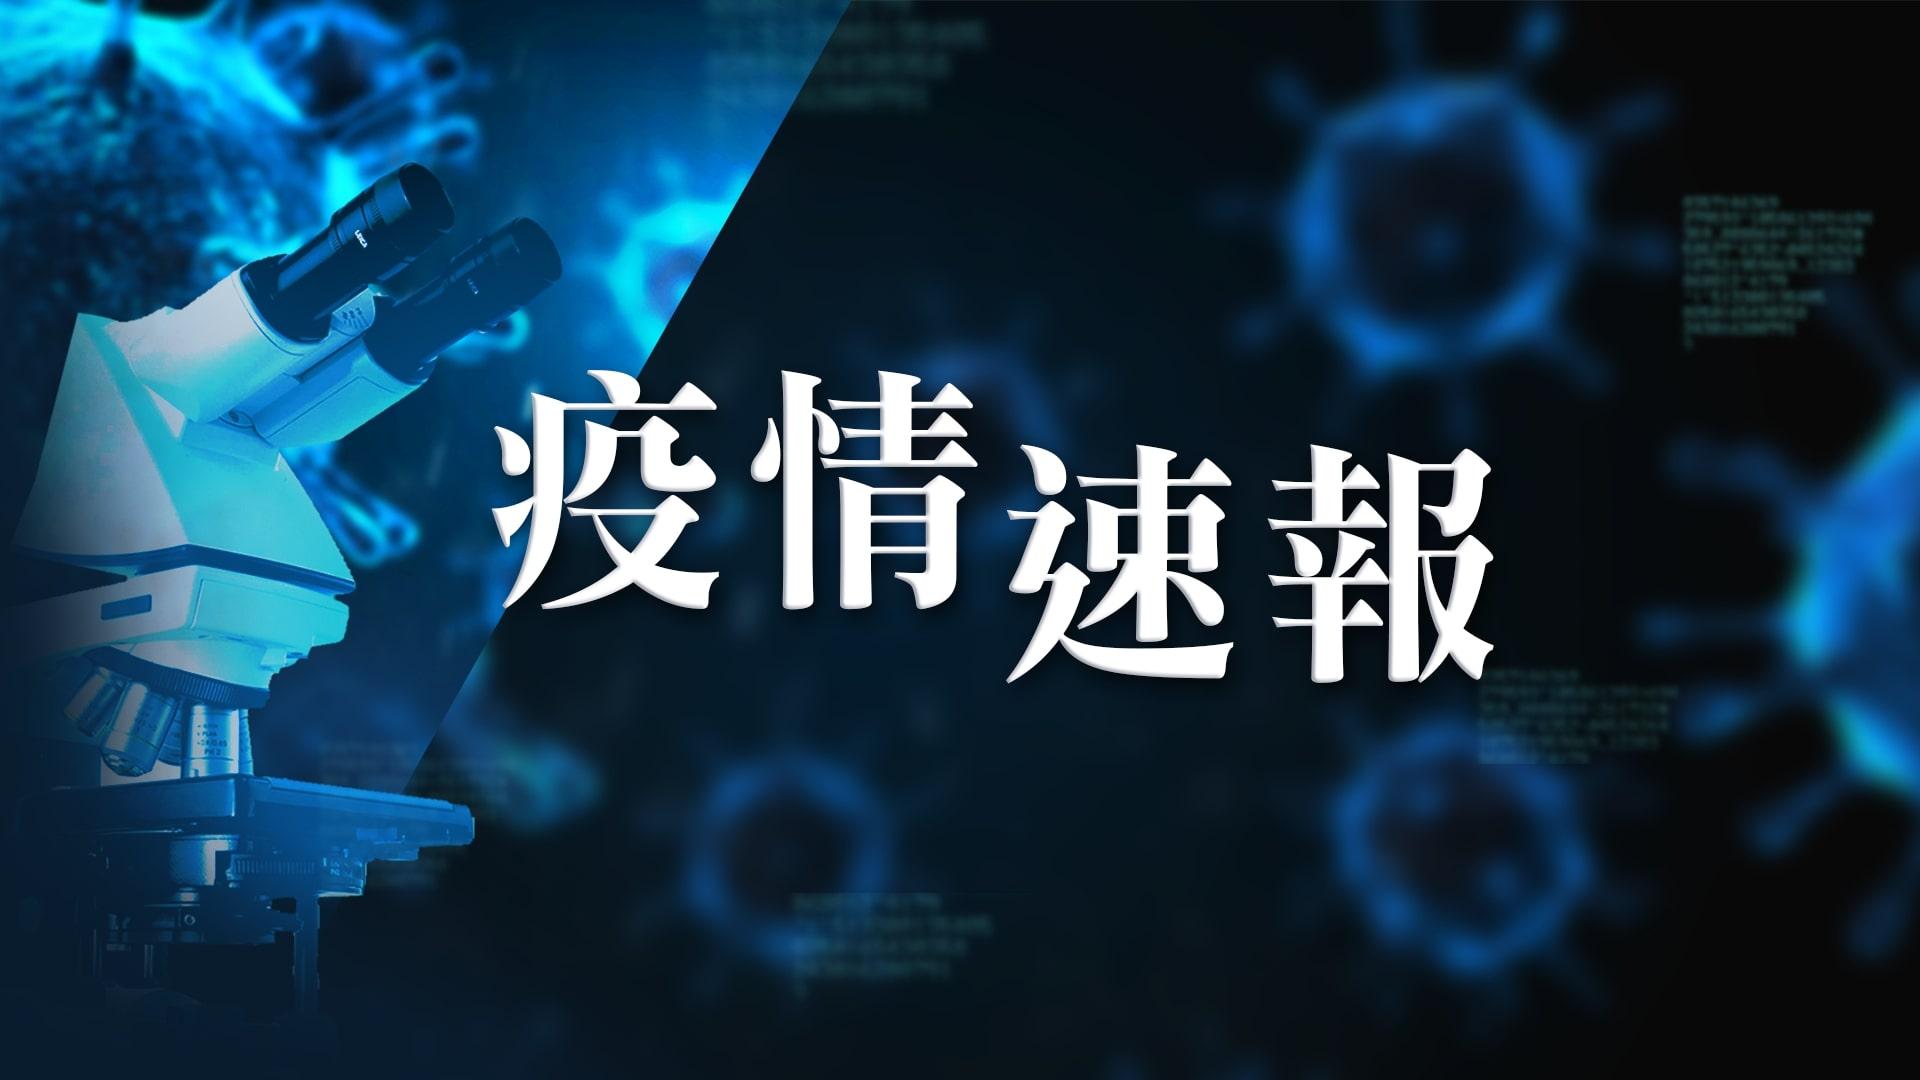 【11月29日疫情速報】(23:30)